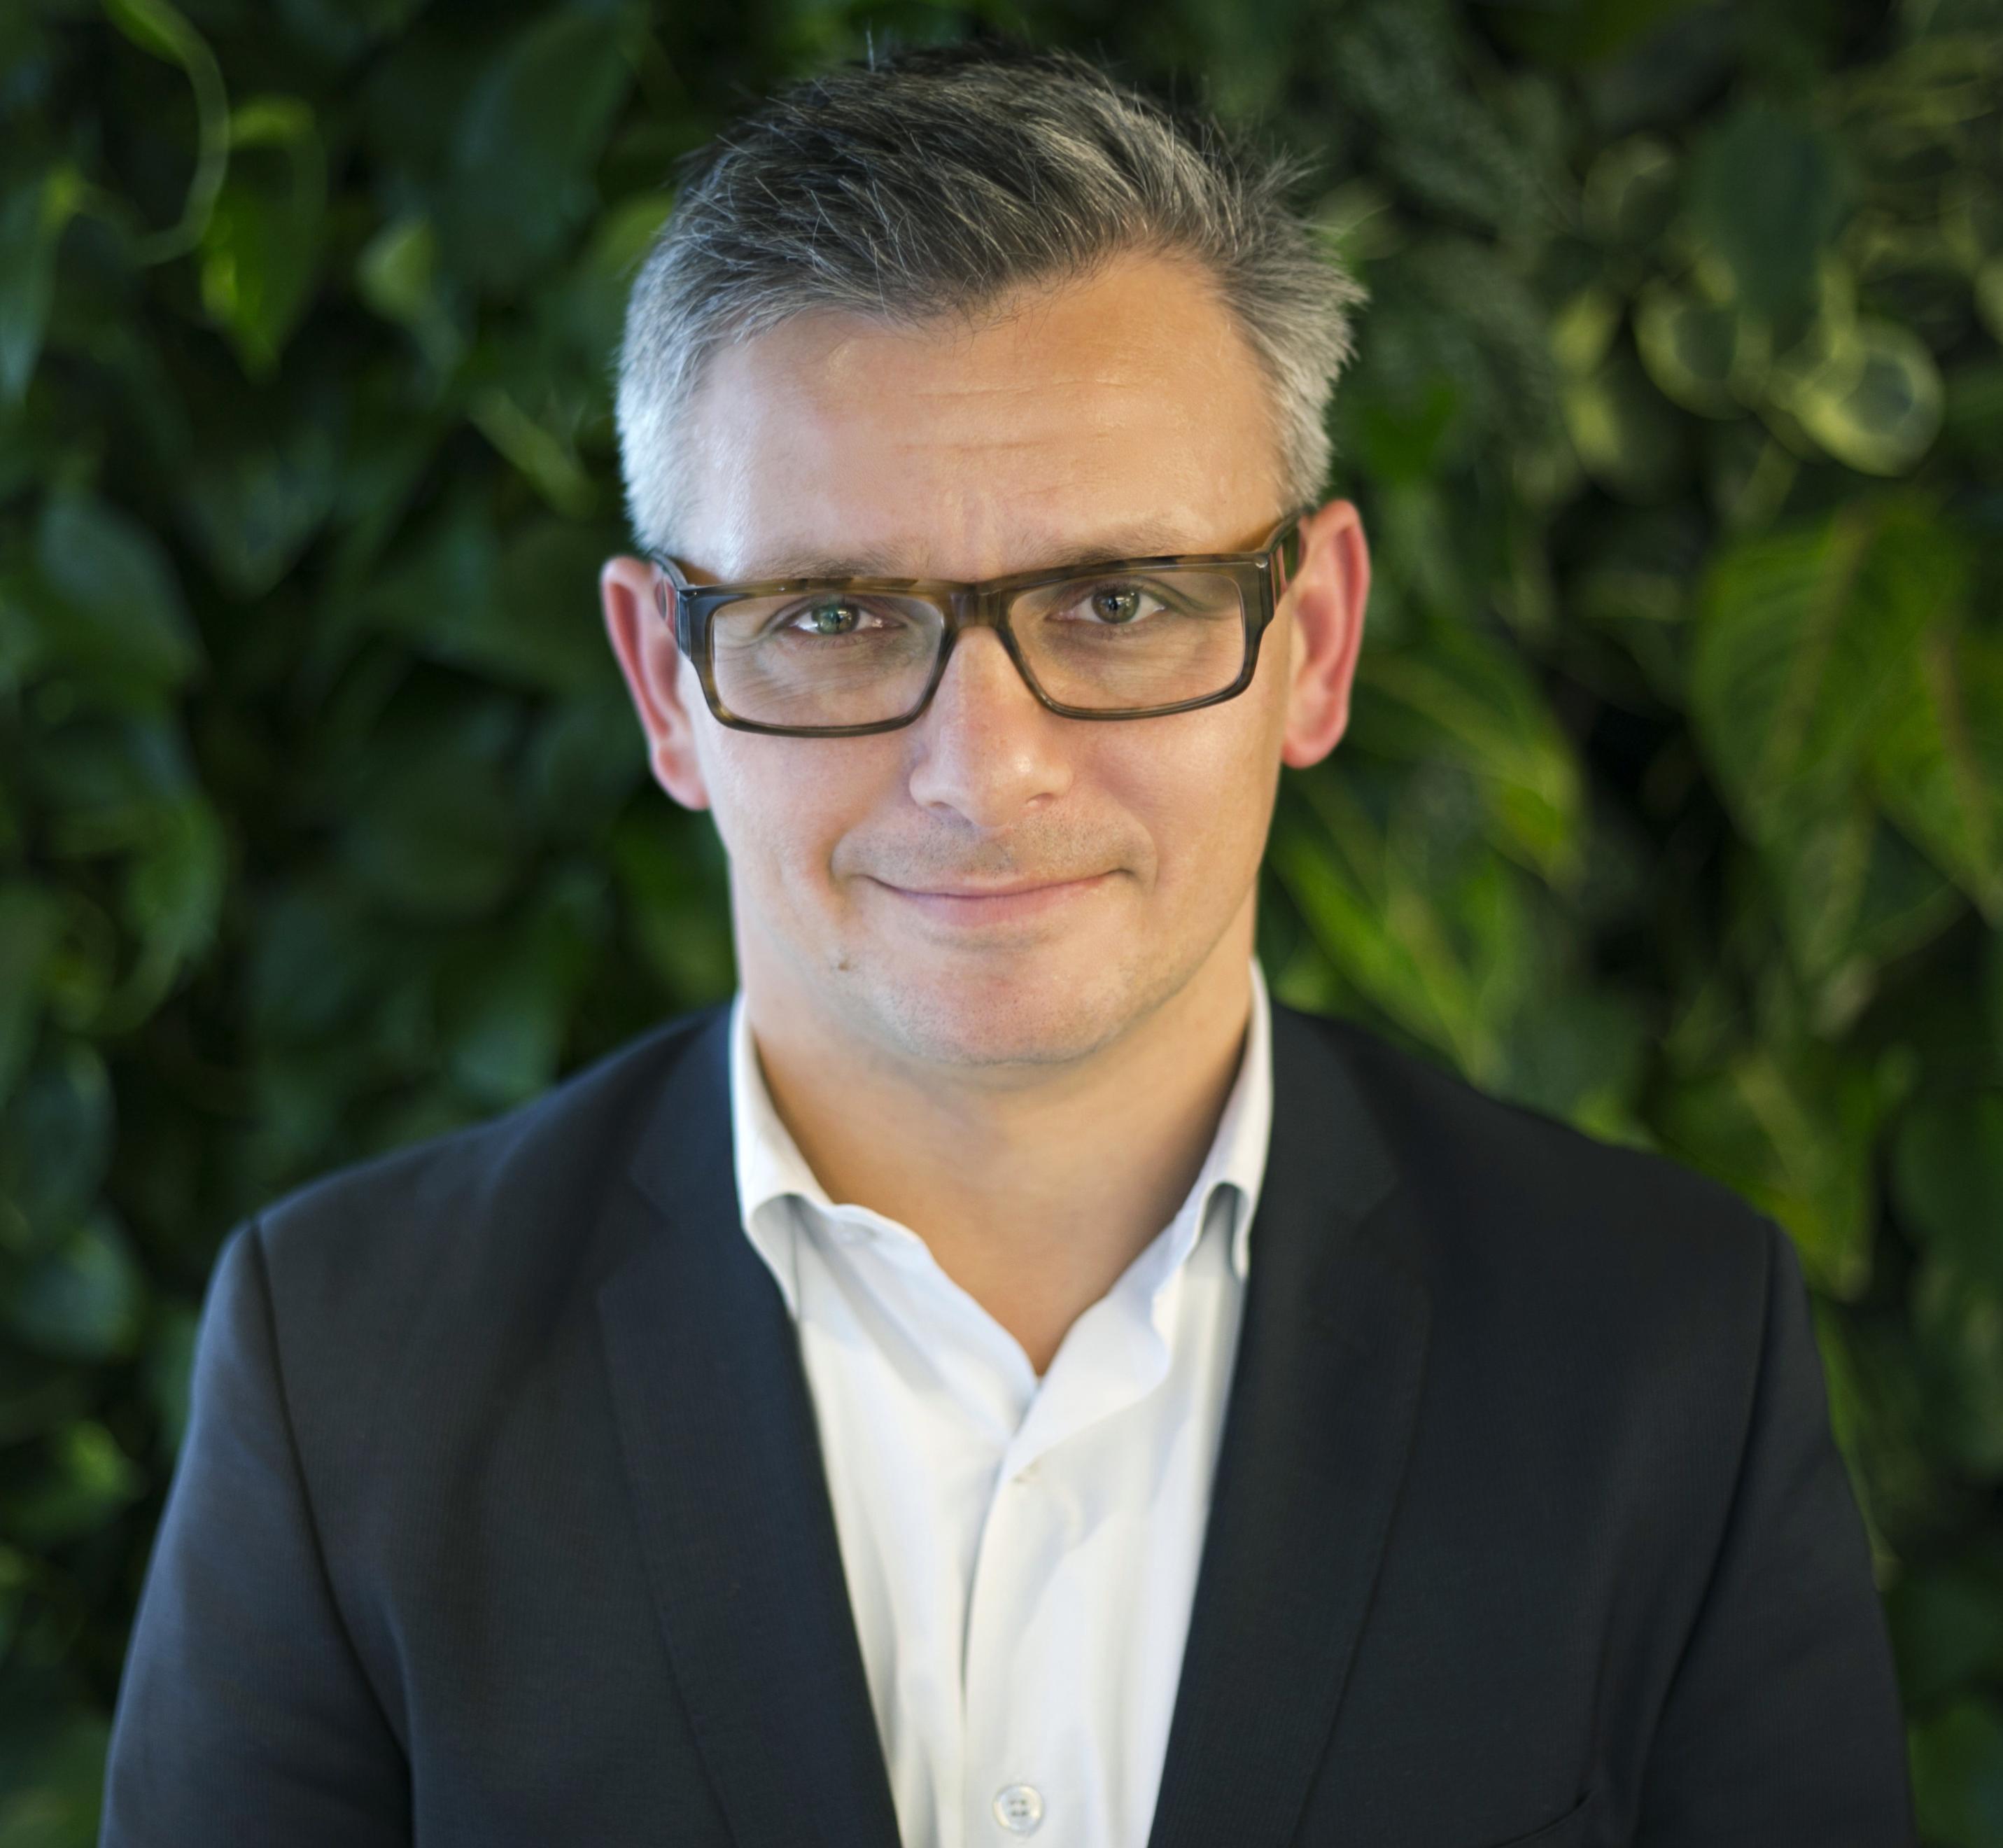 Dmitri Krakovsky, SAP senior vice president of global product management